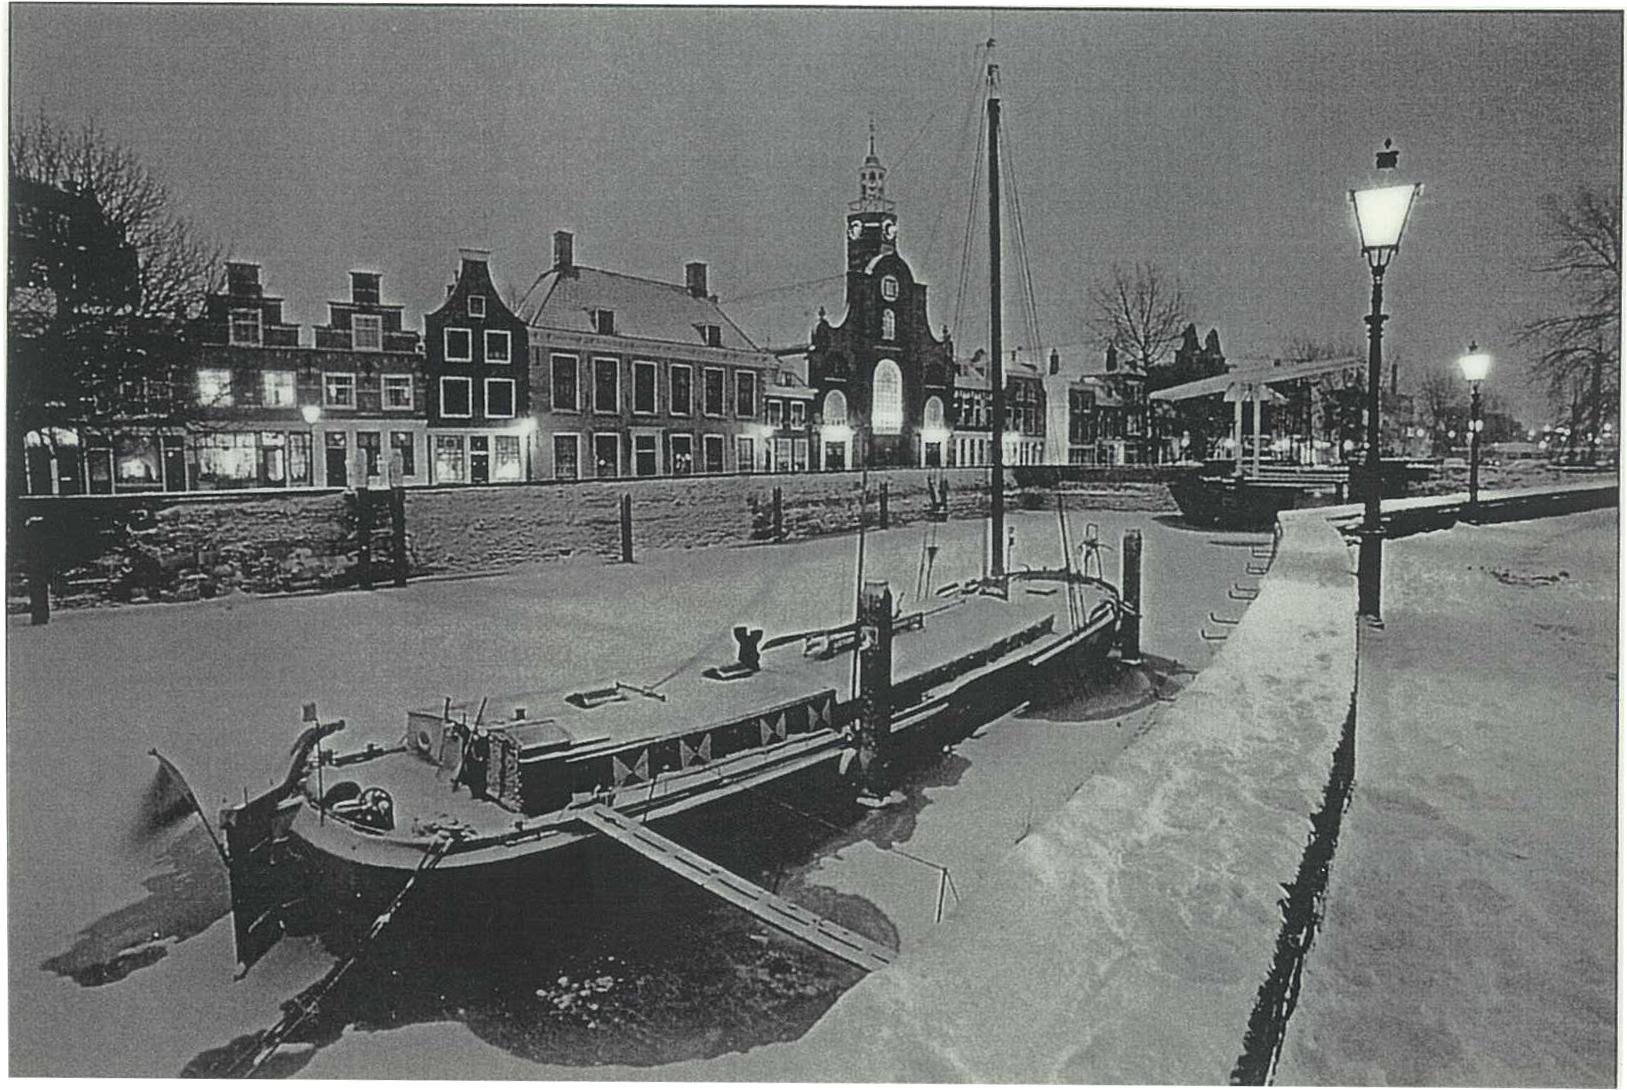 Kaarsjesavond Historisch Delfshaven